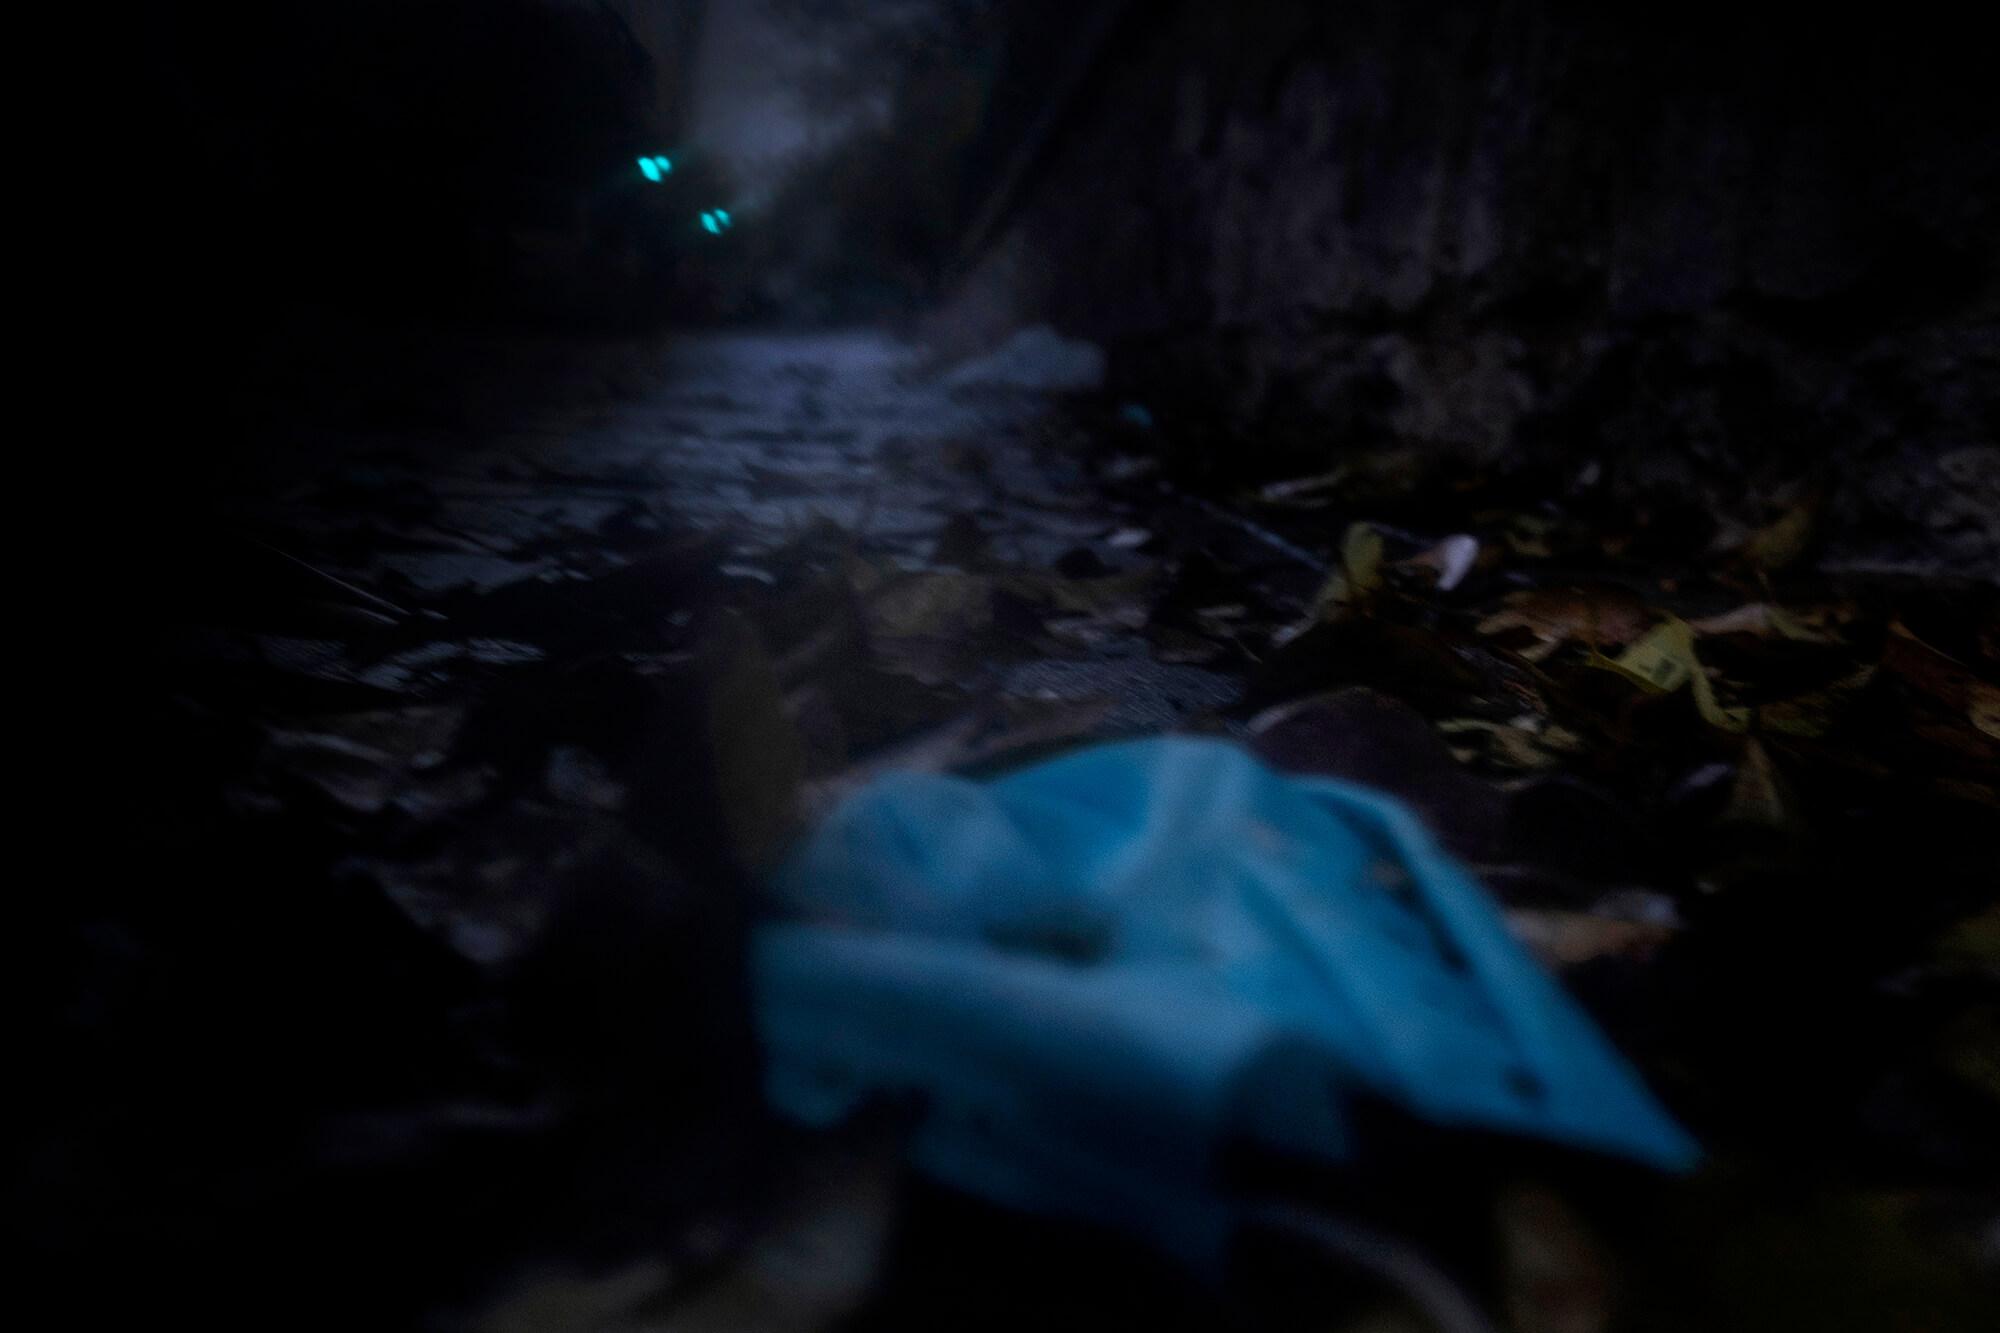 Un solitari carreró al Parc del Retiro de Madrid abraçant la foscor durant els dies més durs del pic de la pandèmia.